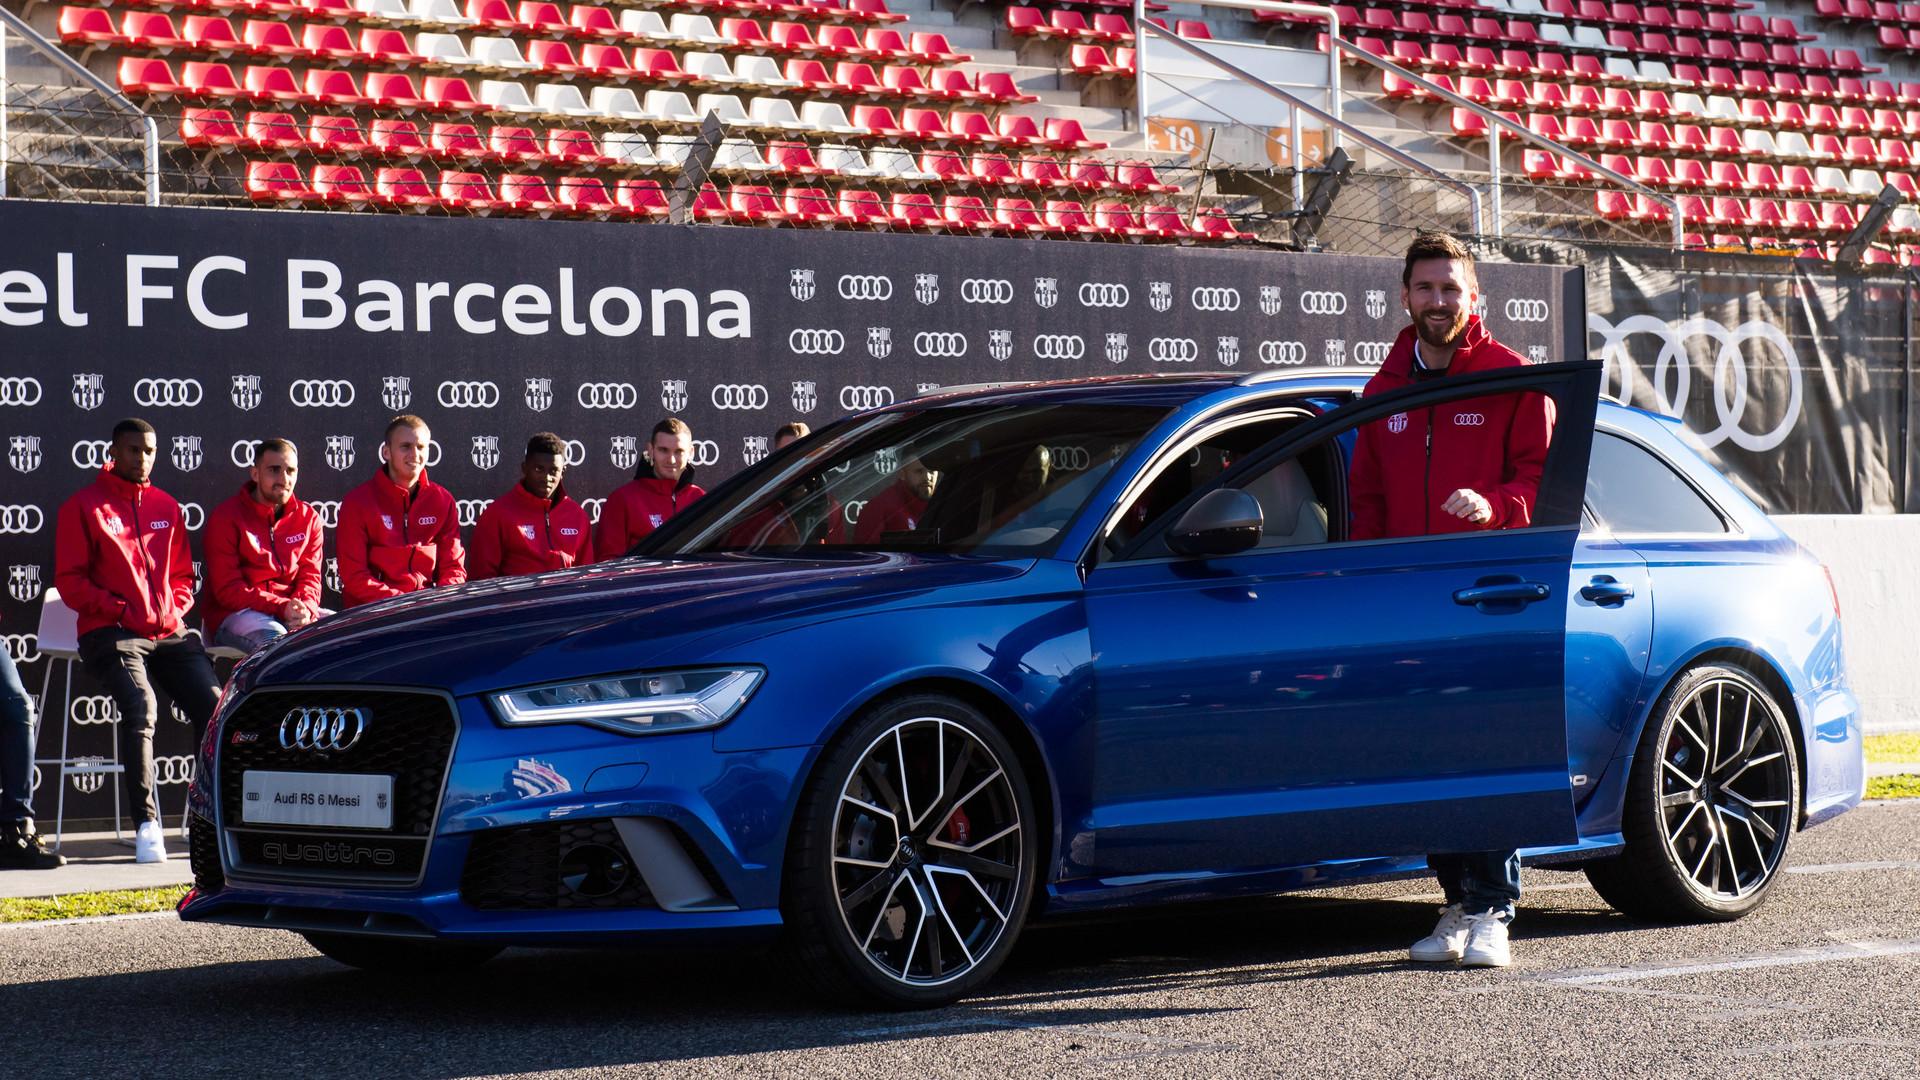 Fahrzeugübergabe FC Barcelona 2017 Footage